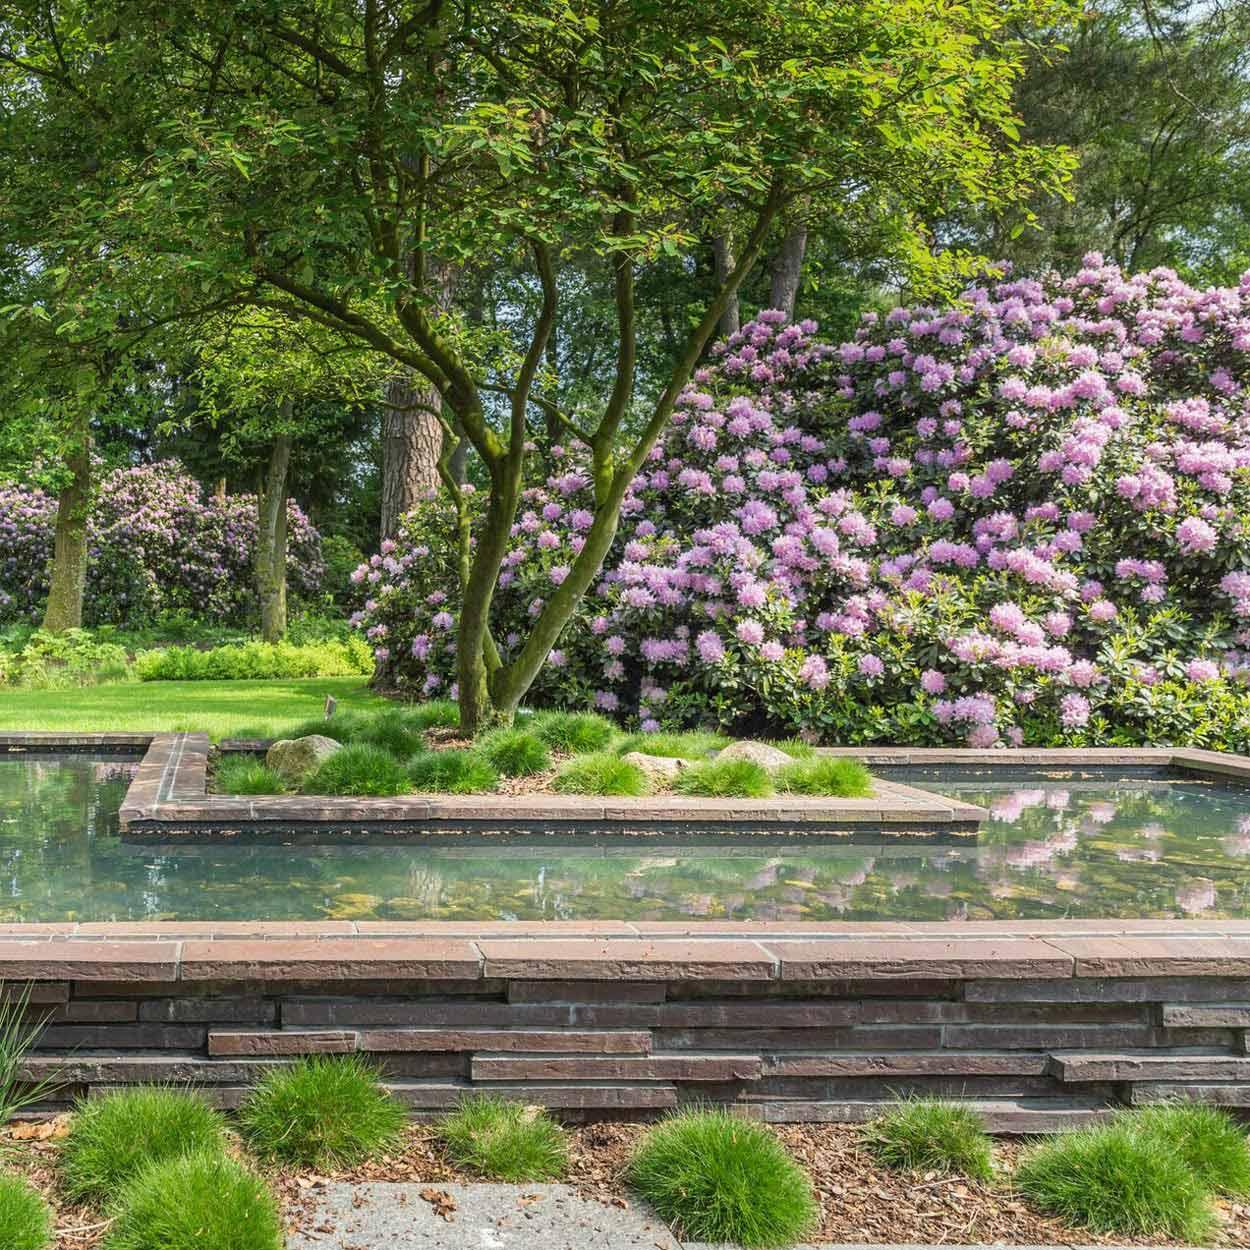 Amelanchier-Solitär-Schirme an einem Wasserbecken mit Hydrangea quercifolia